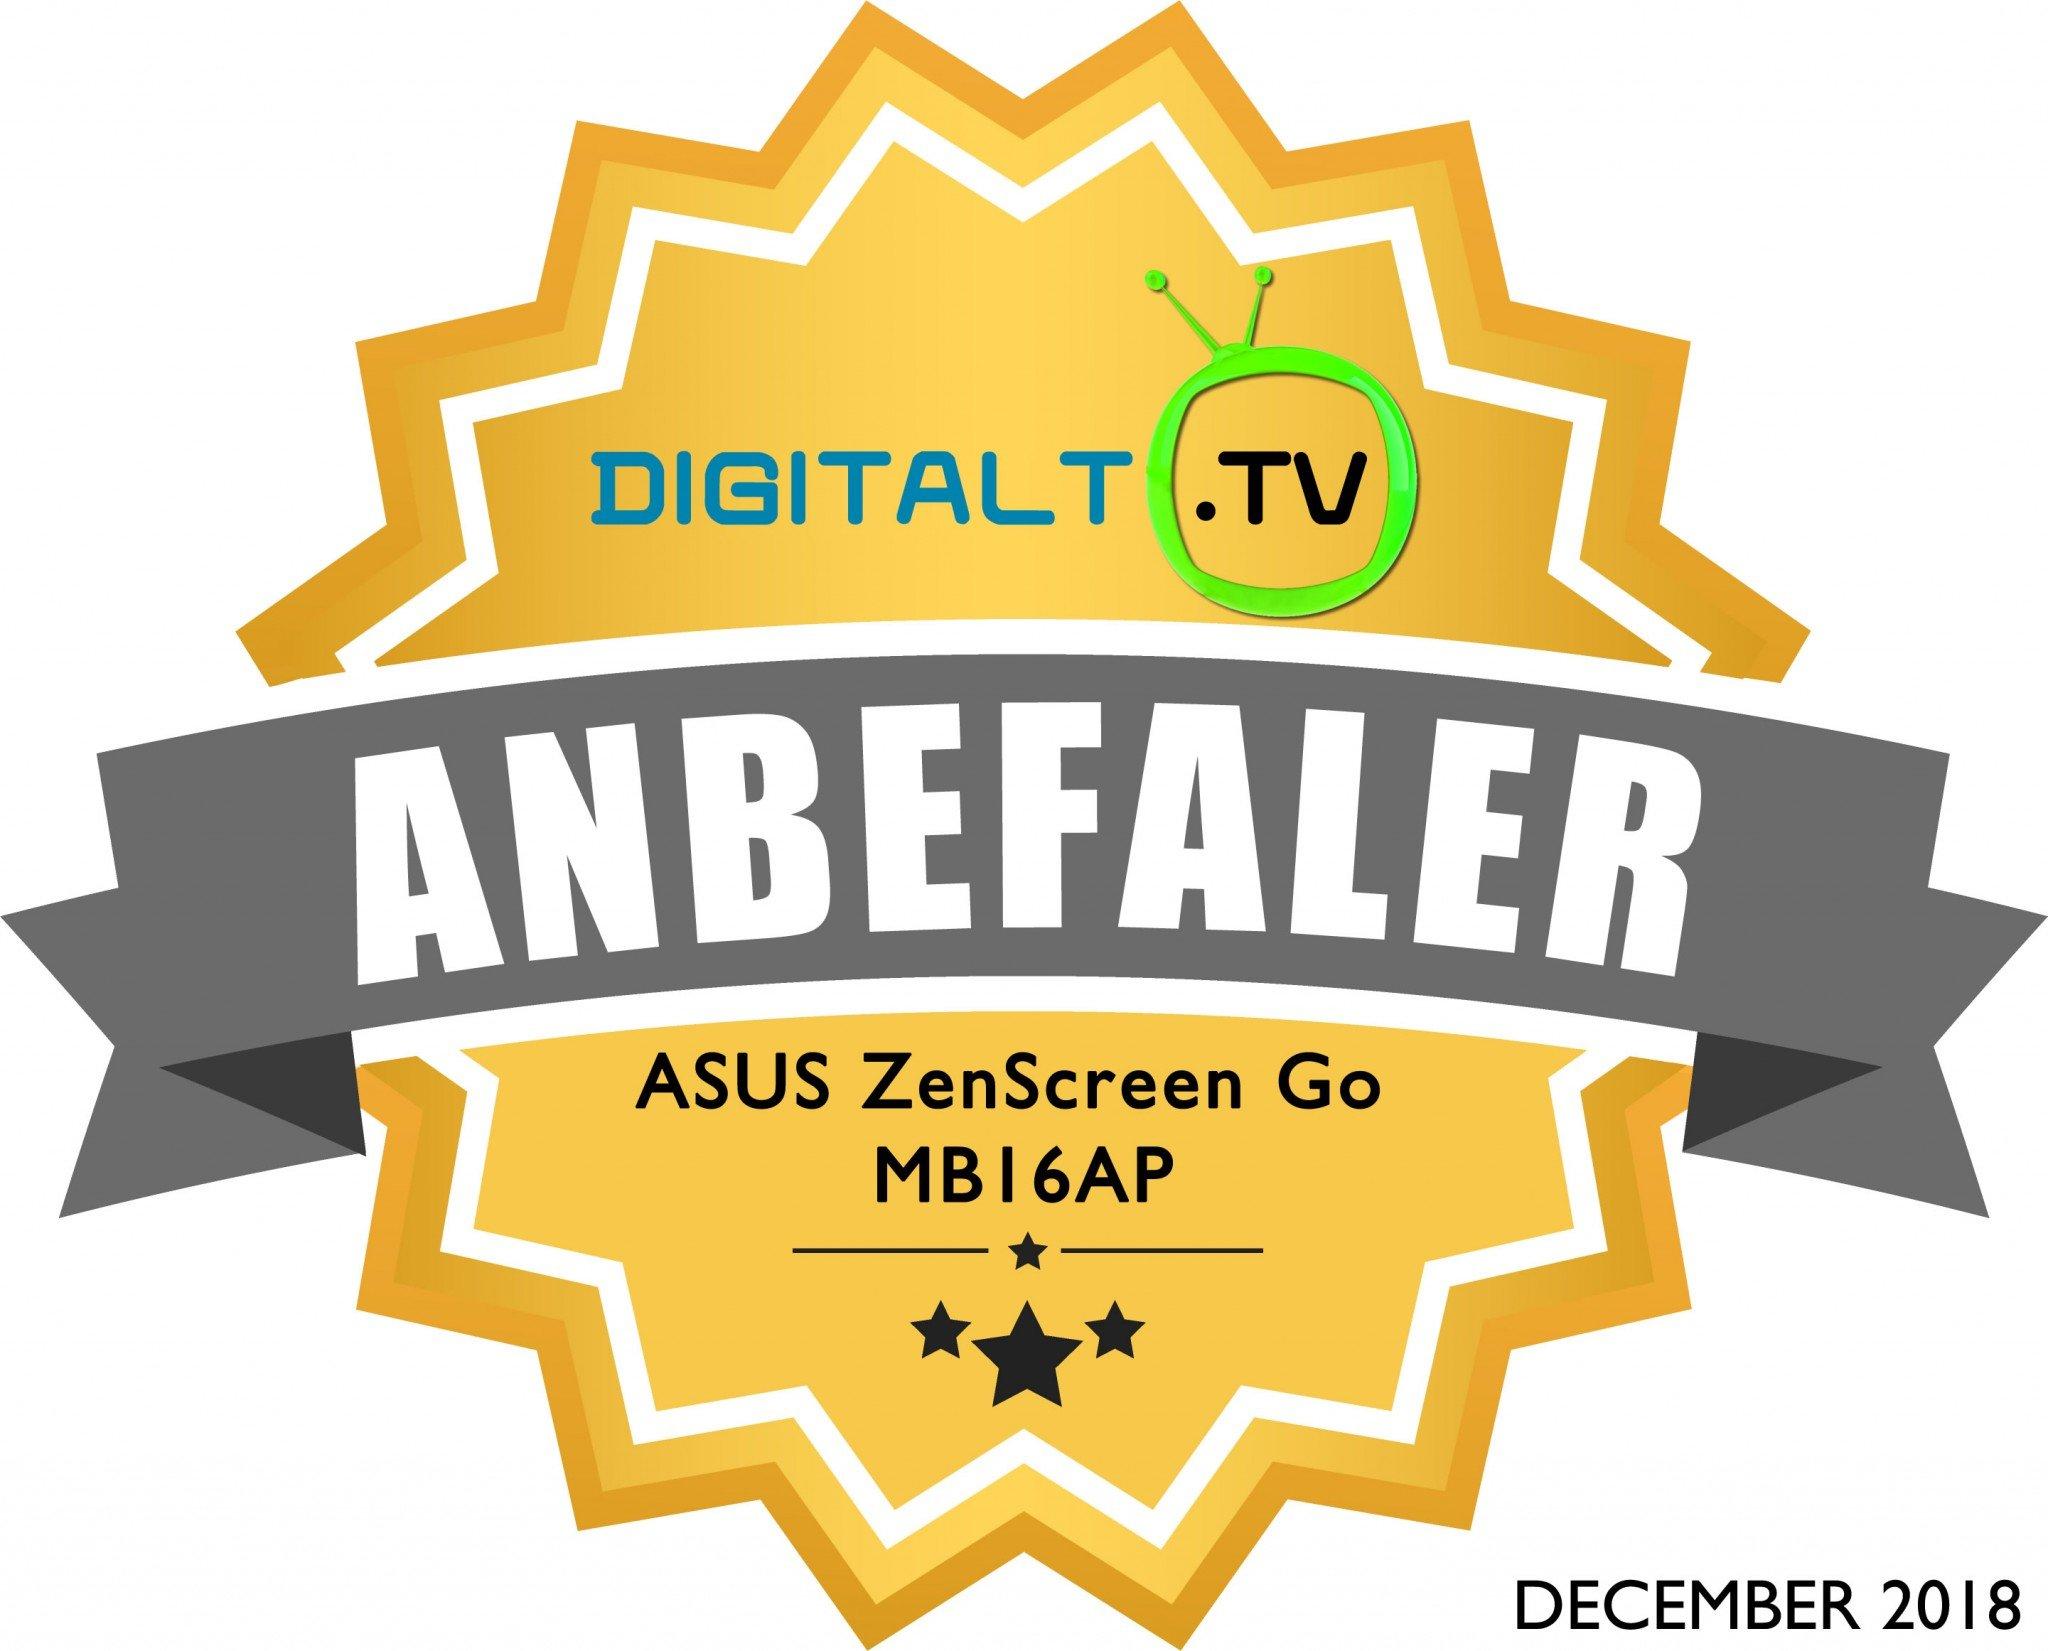 ASUS ZenScreen Go MB16AP Logo anbefaling